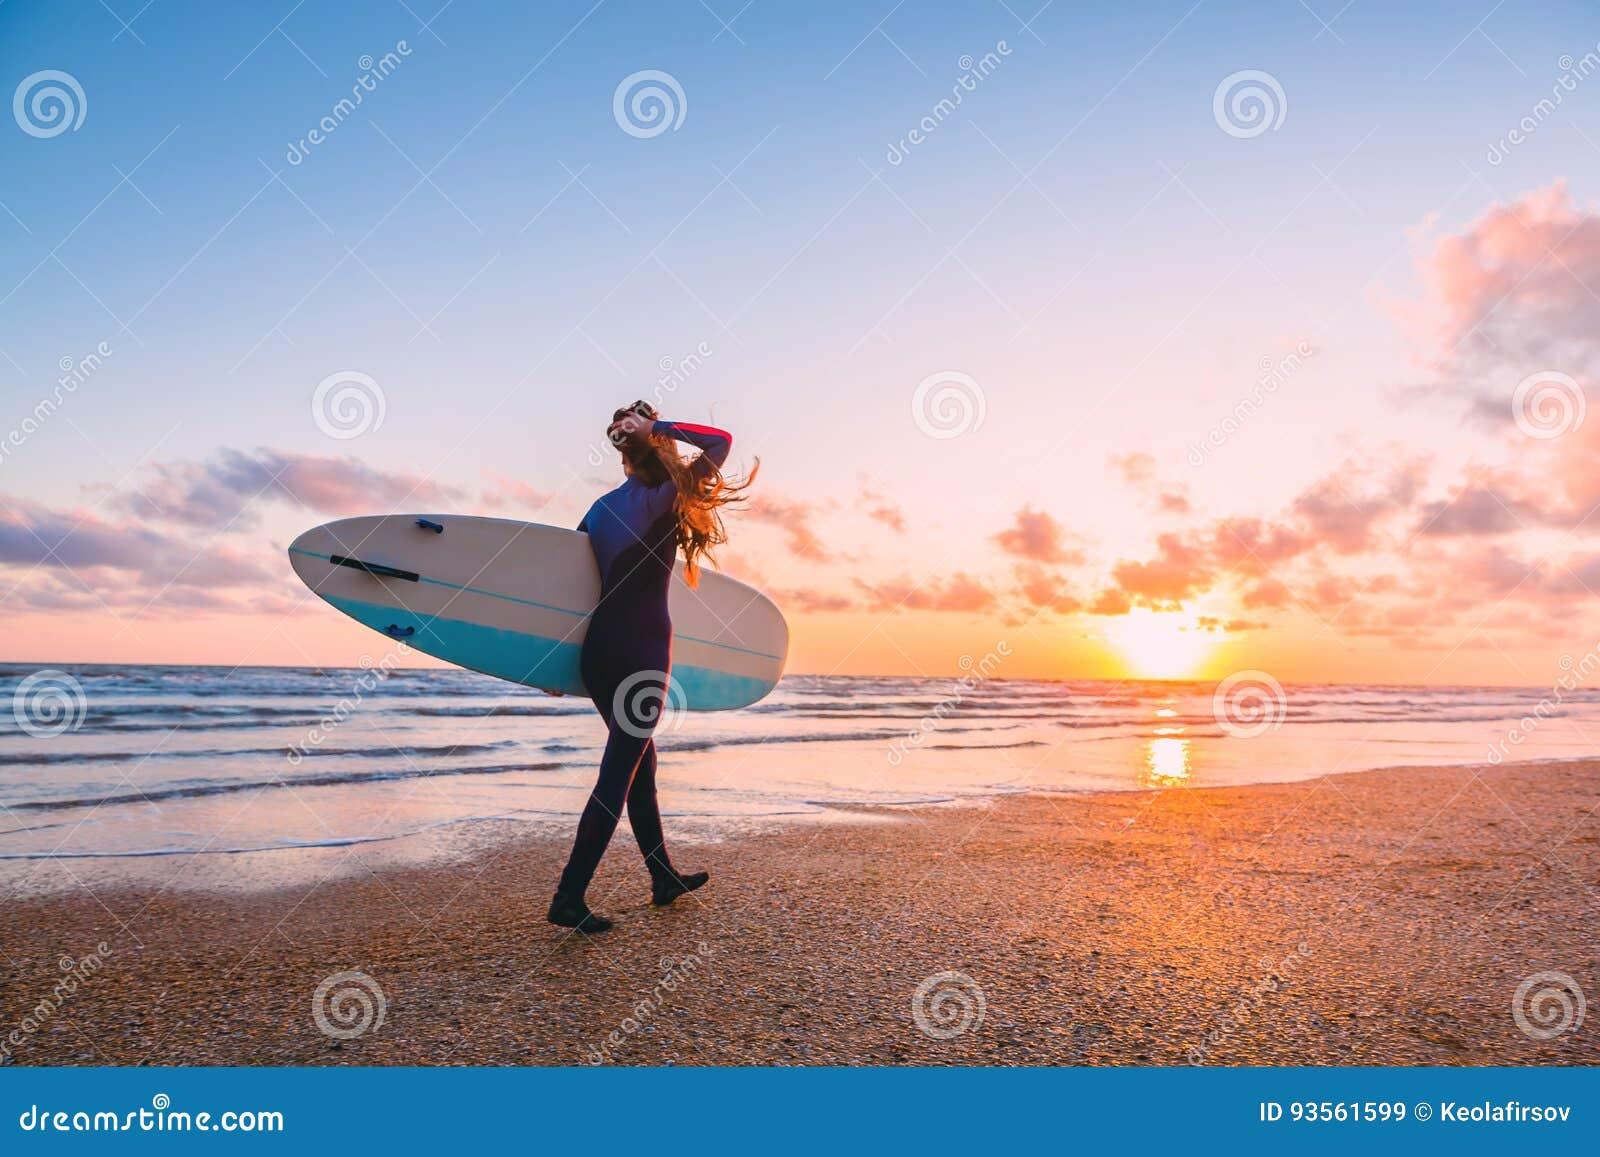 Het sportieve brandingsmeisje gaat naar het surfen Vrouw met surfplank en zonsondergang of zonsopgang op oceaan